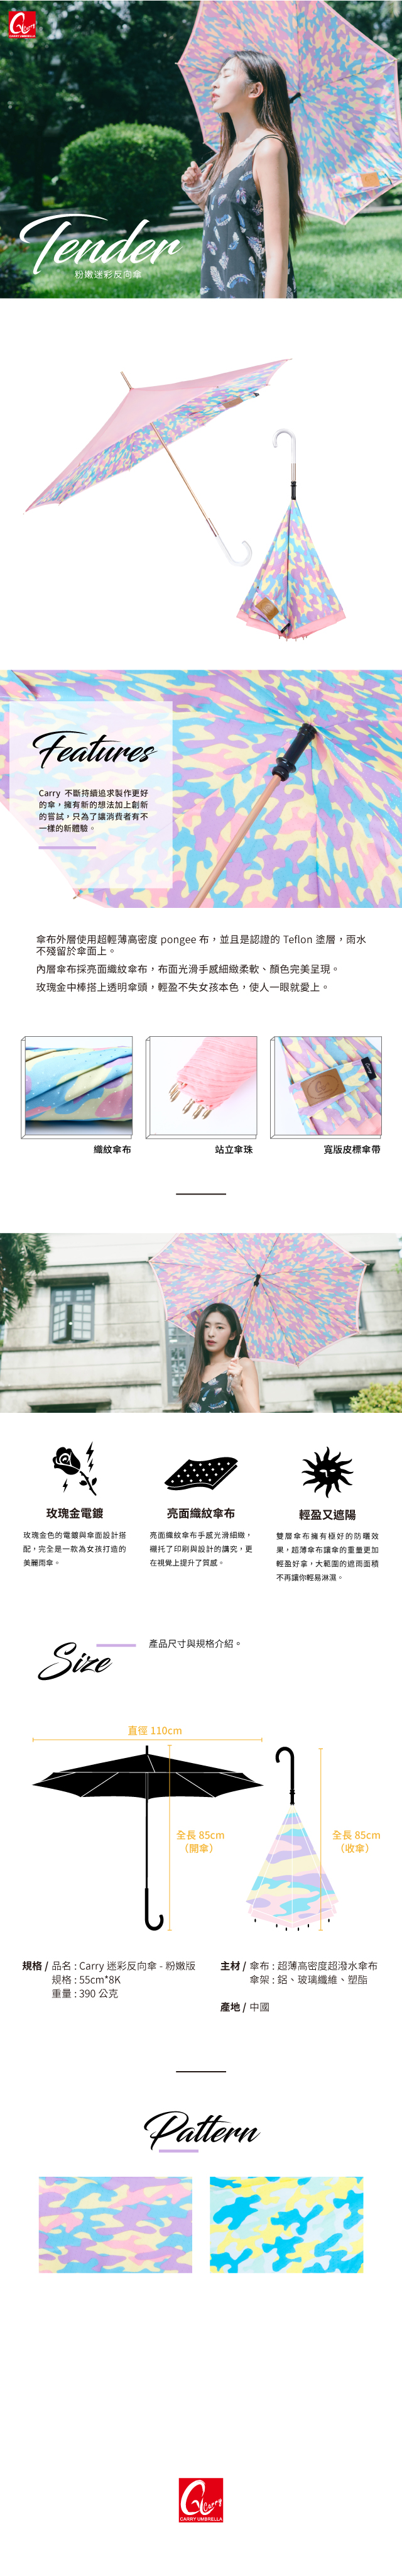 (複製)Carry|粉嫩迷彩反向傘 - 香草天空